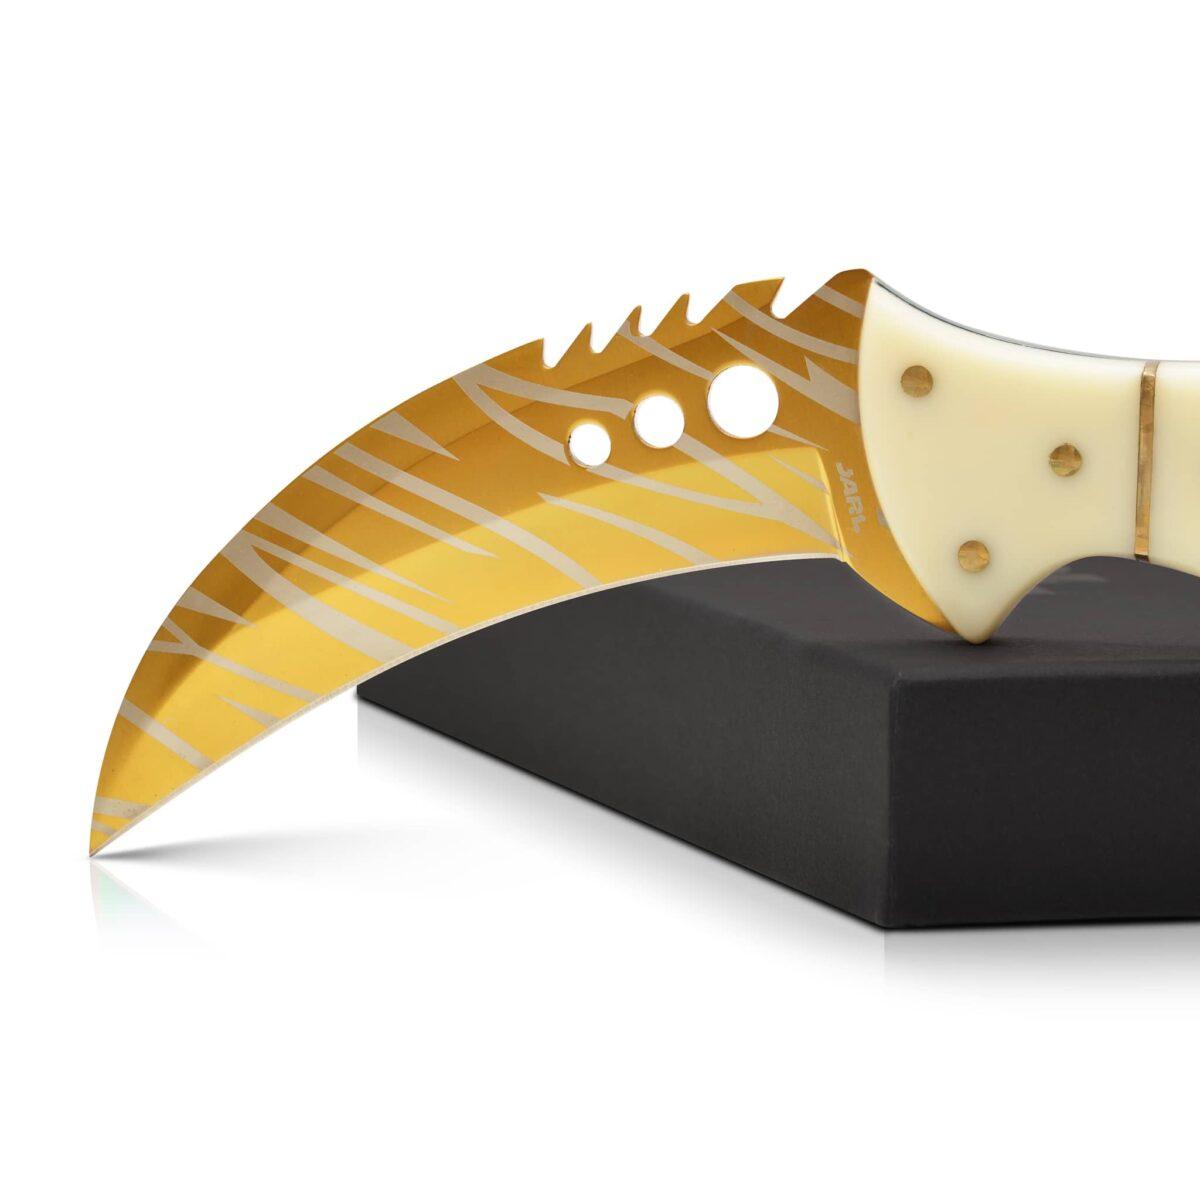 Lame Couteau Talon Tiger Counter-Strike